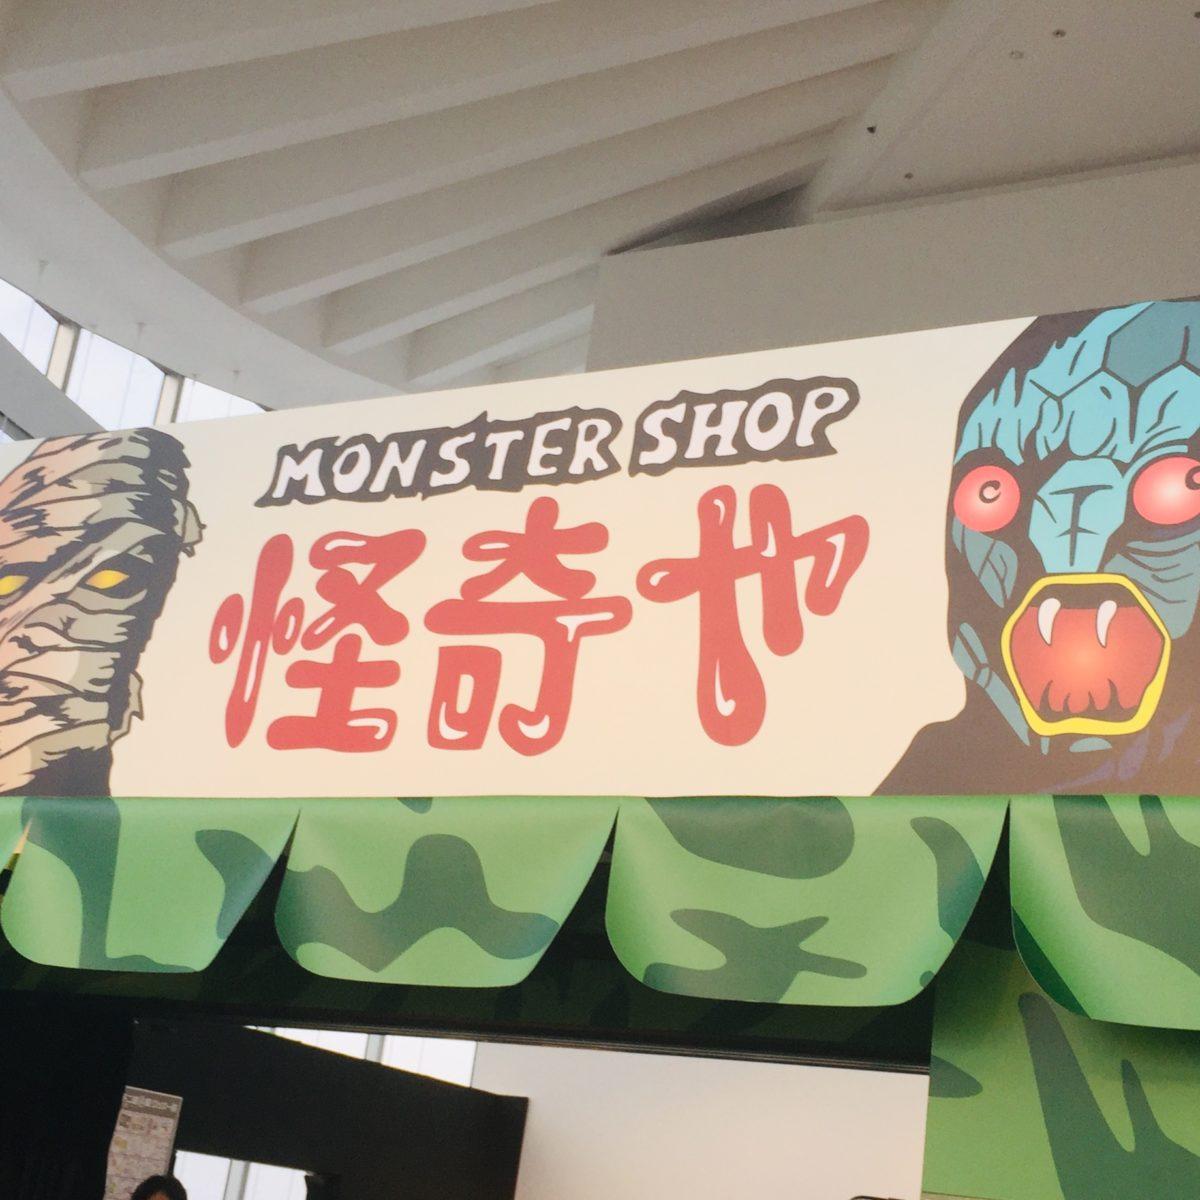 「藤子不二雄Ⓐ展」でのおみやげ屋「怪奇や」看板